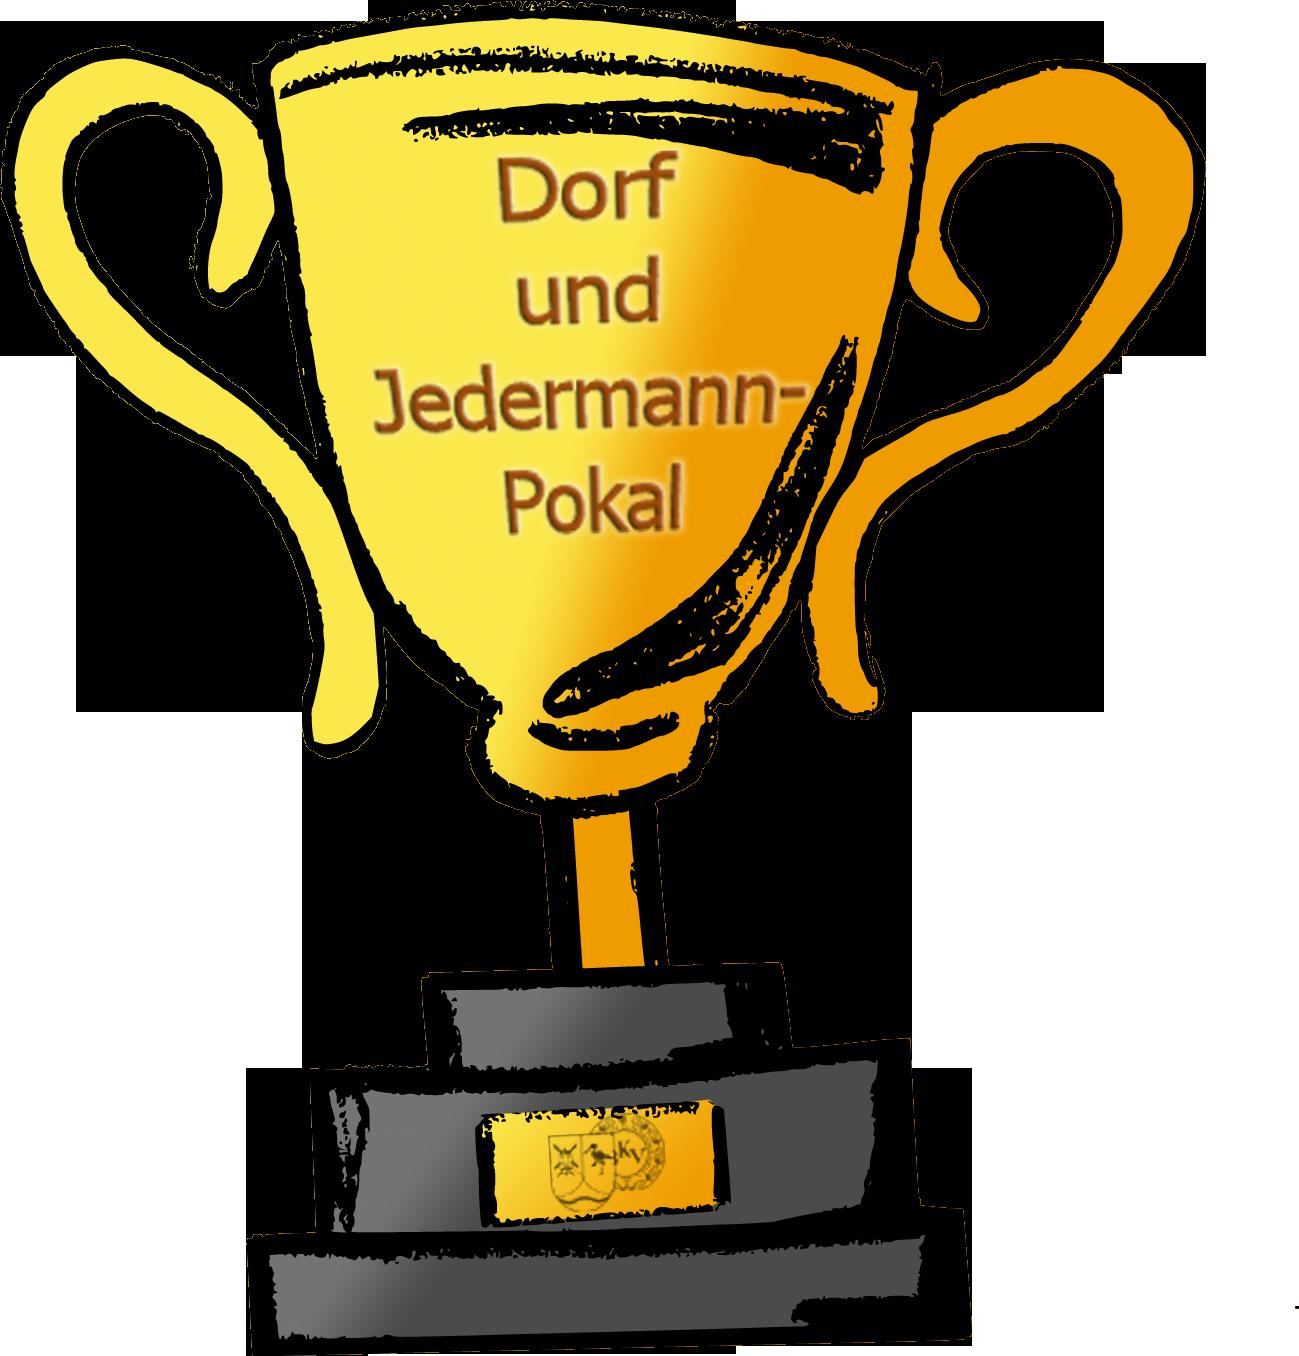 Pokal ©2020 Michael Kenstel